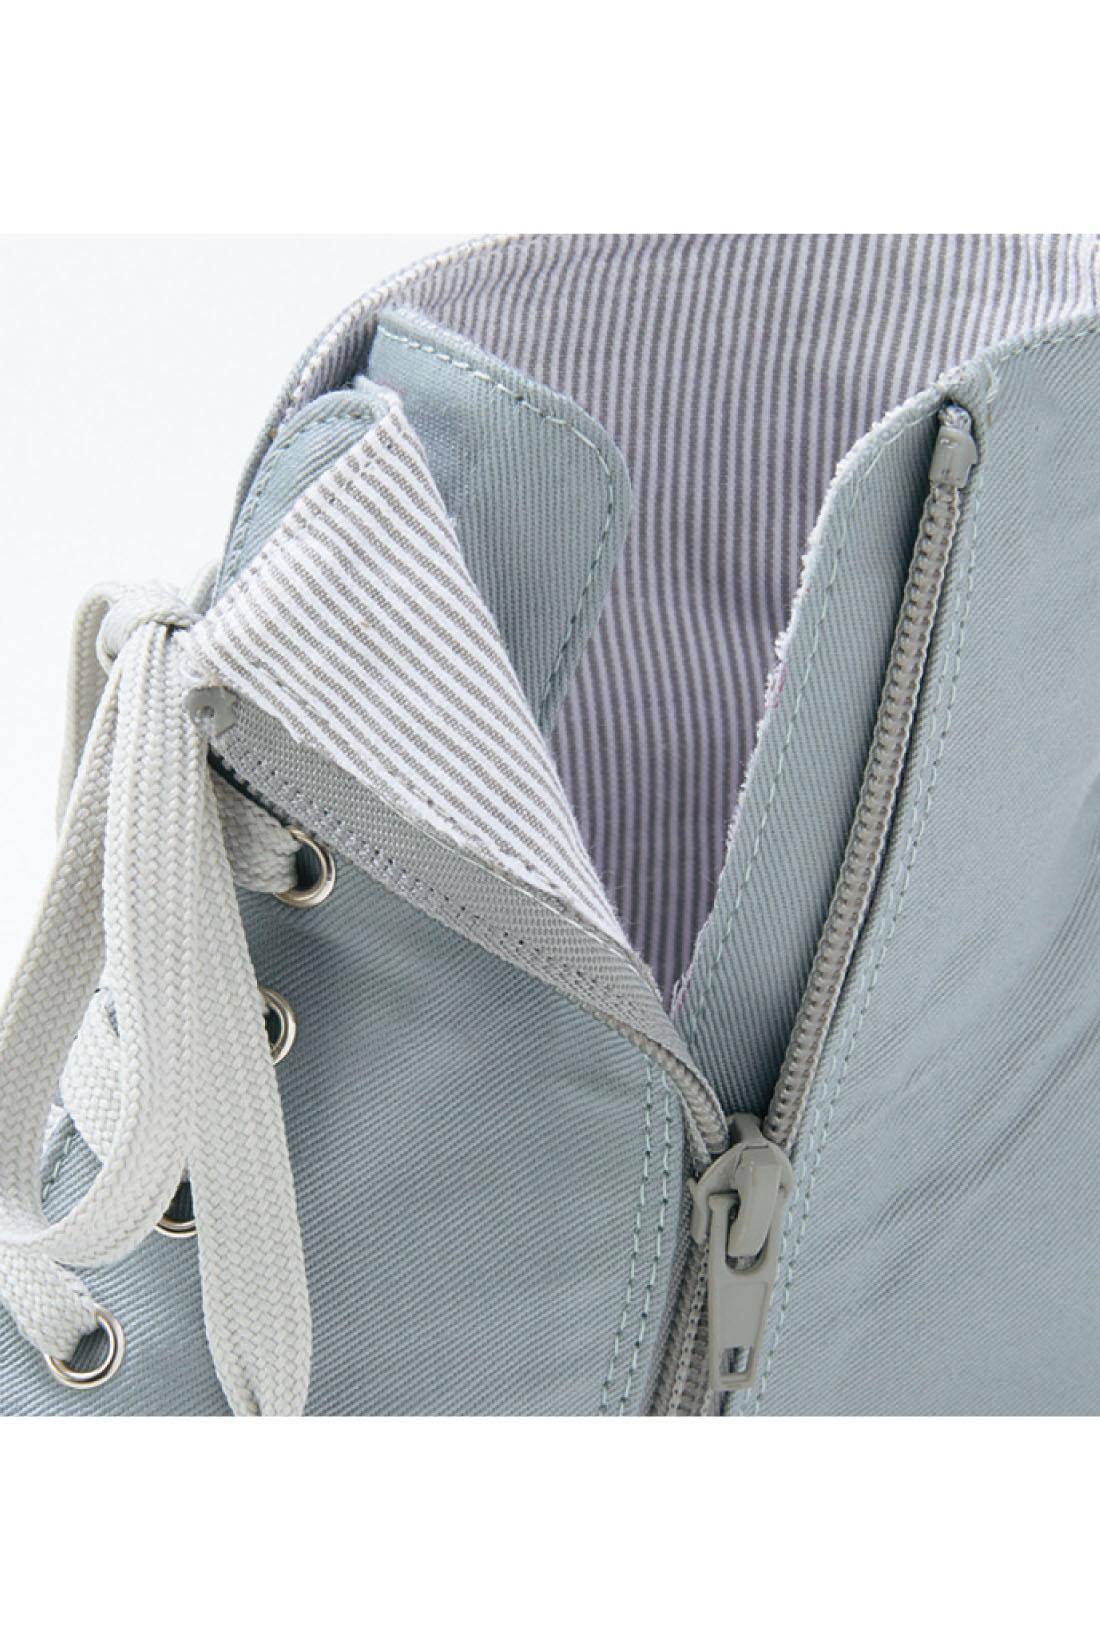 脱ぎ履き簡単なサイドファスナー仕様。ベロの片方を縫い付けているので、履くときのストレス軽減。